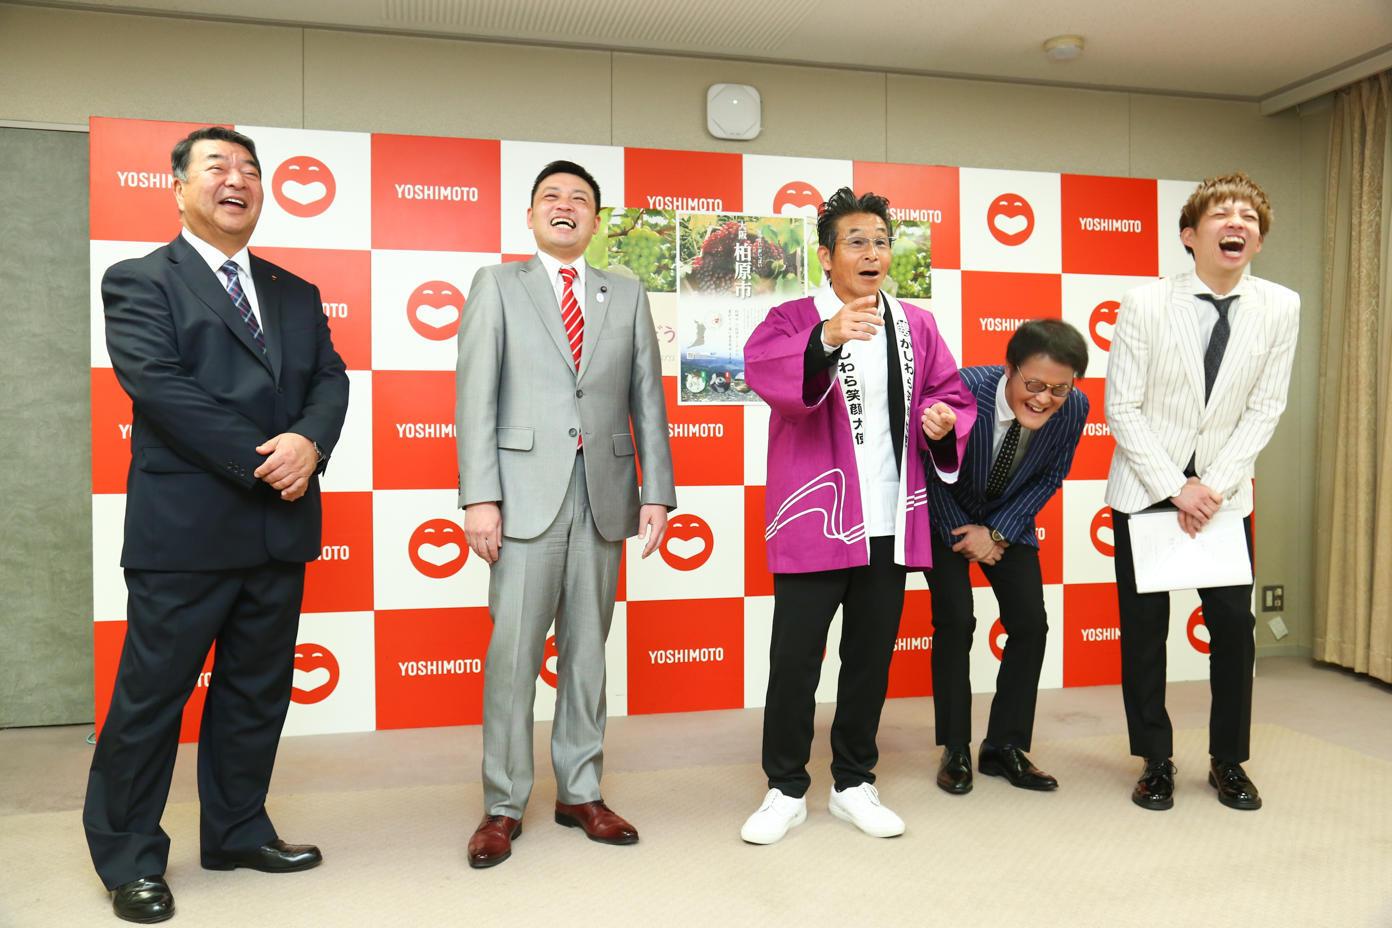 http://news.yoshimoto.co.jp/20171130213301-dcab6febb87de2019e8c039b5416e64b4f2f3e8f.jpg